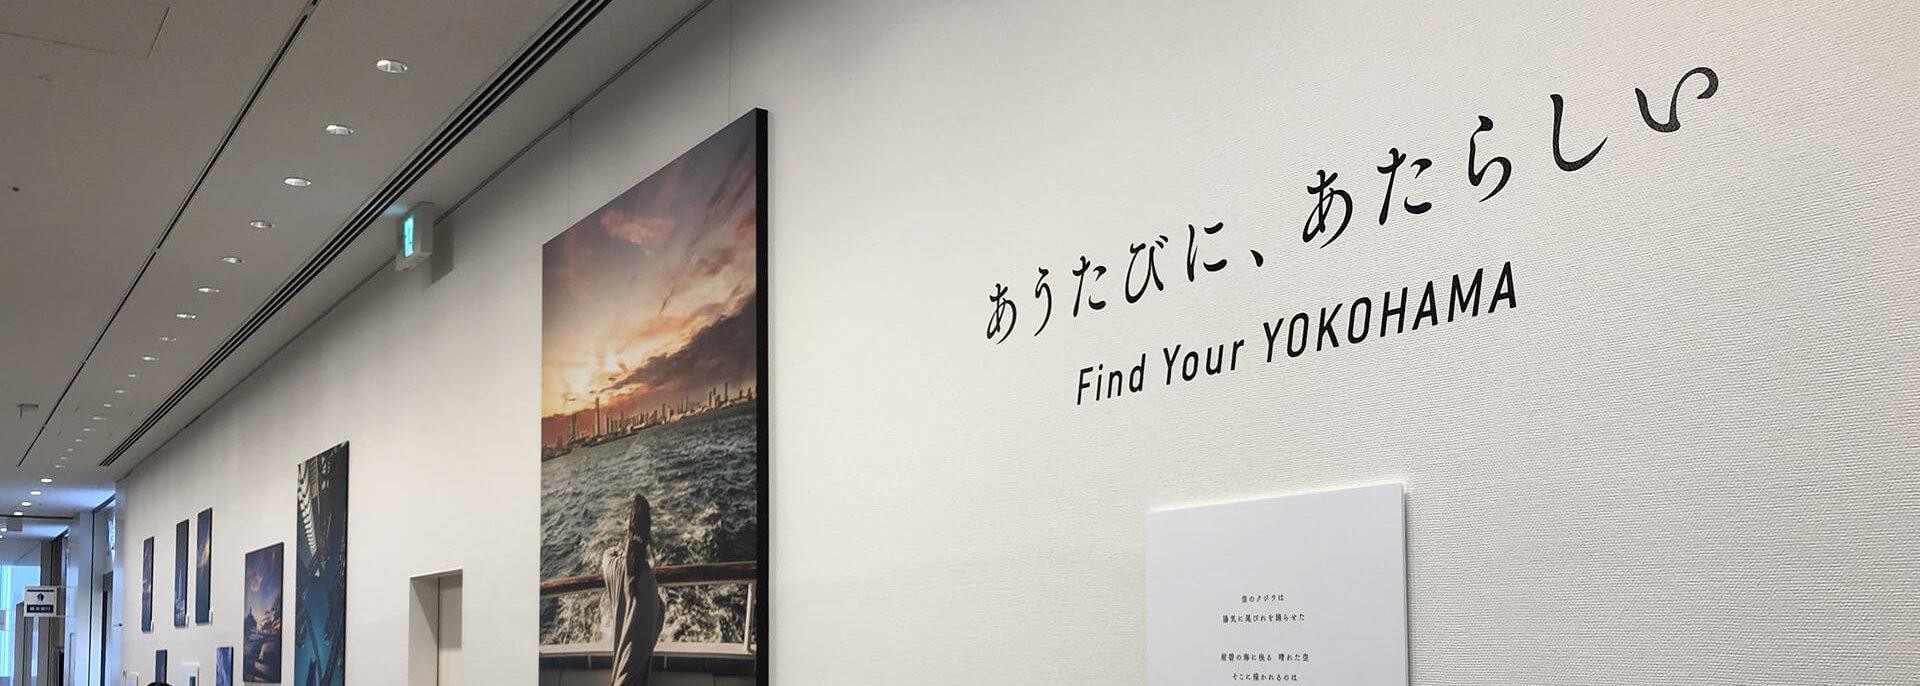 横浜市公式Instagramアカウント「@findyouryokohama_japan」写真展